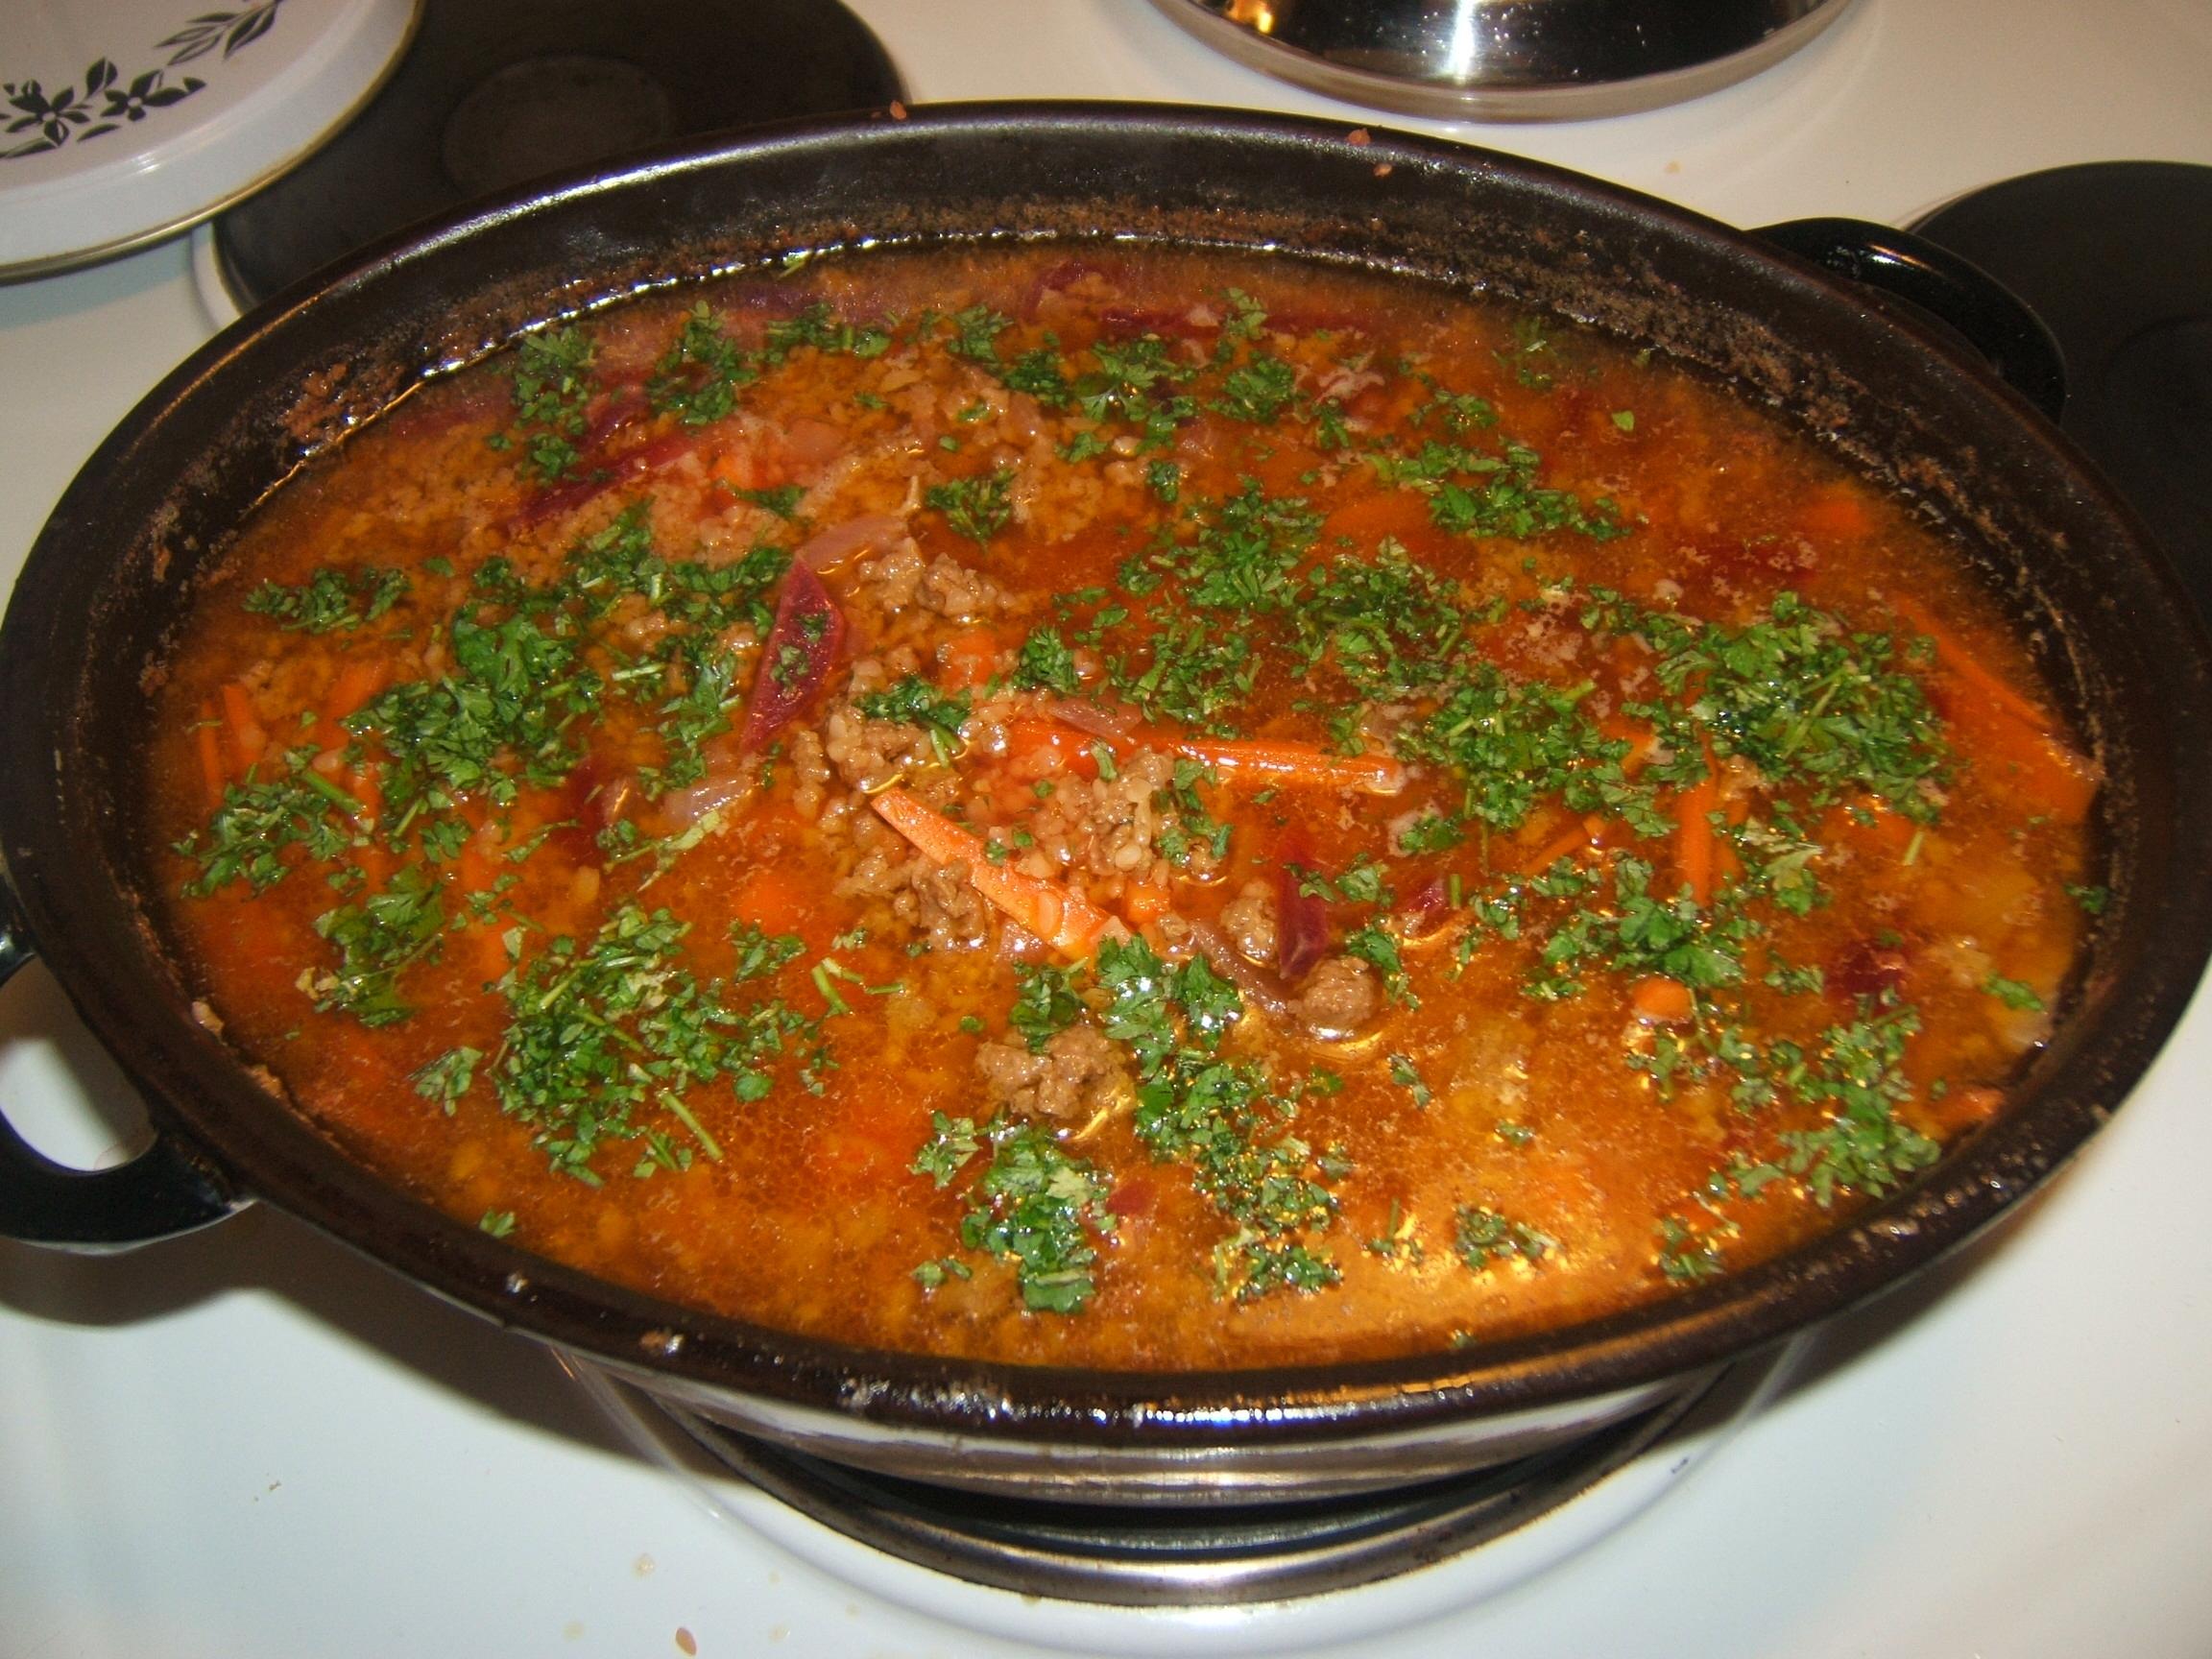 höstsoppa köttfärs